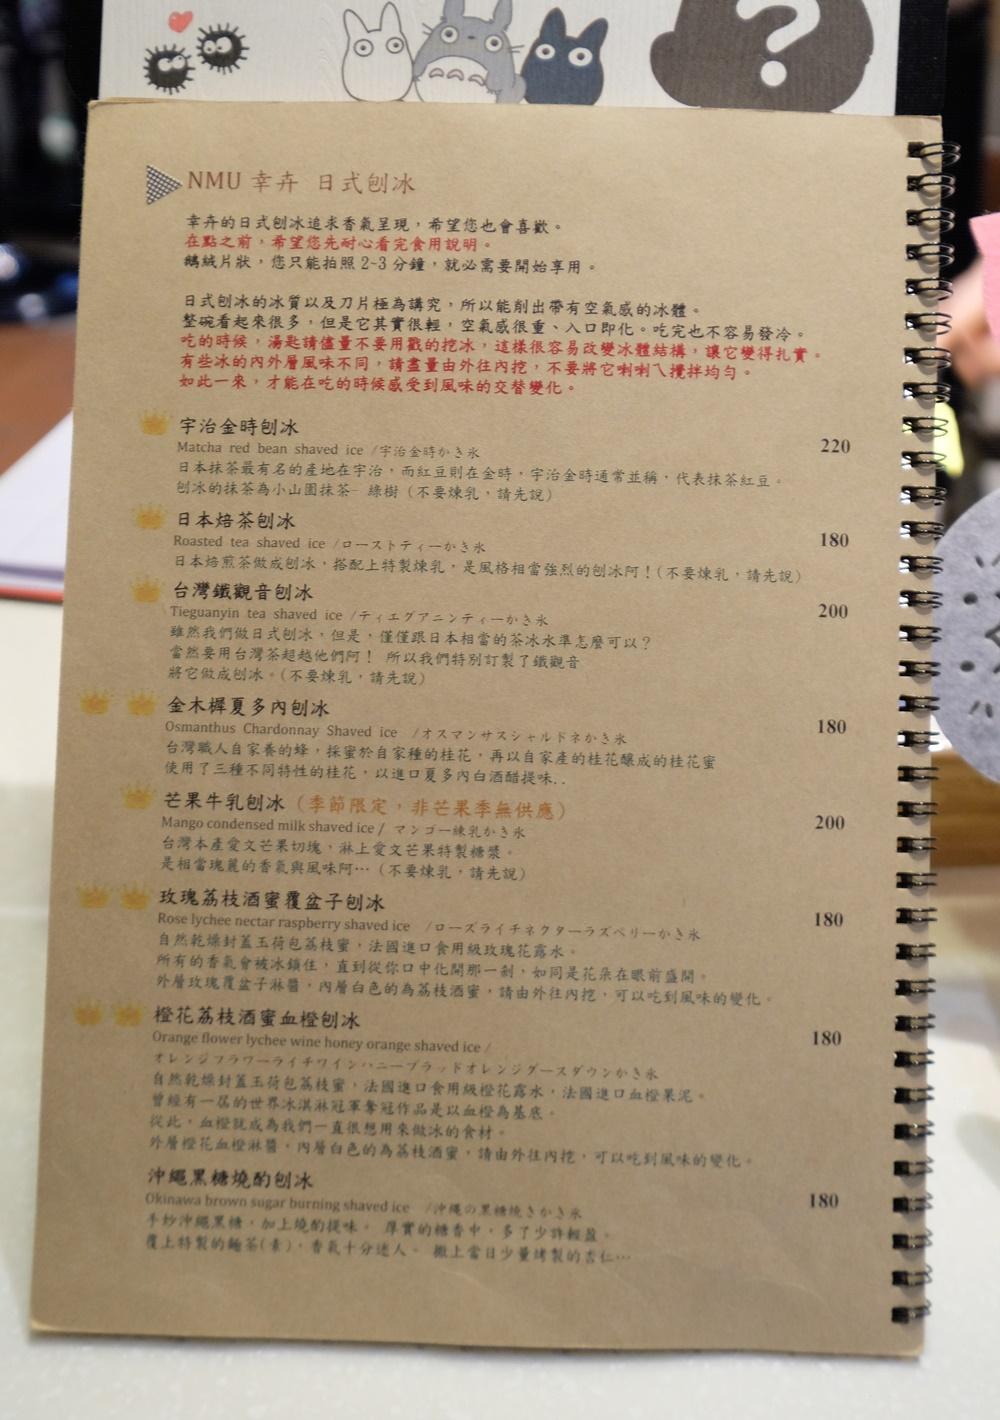 幸卉文學咖啡菜單